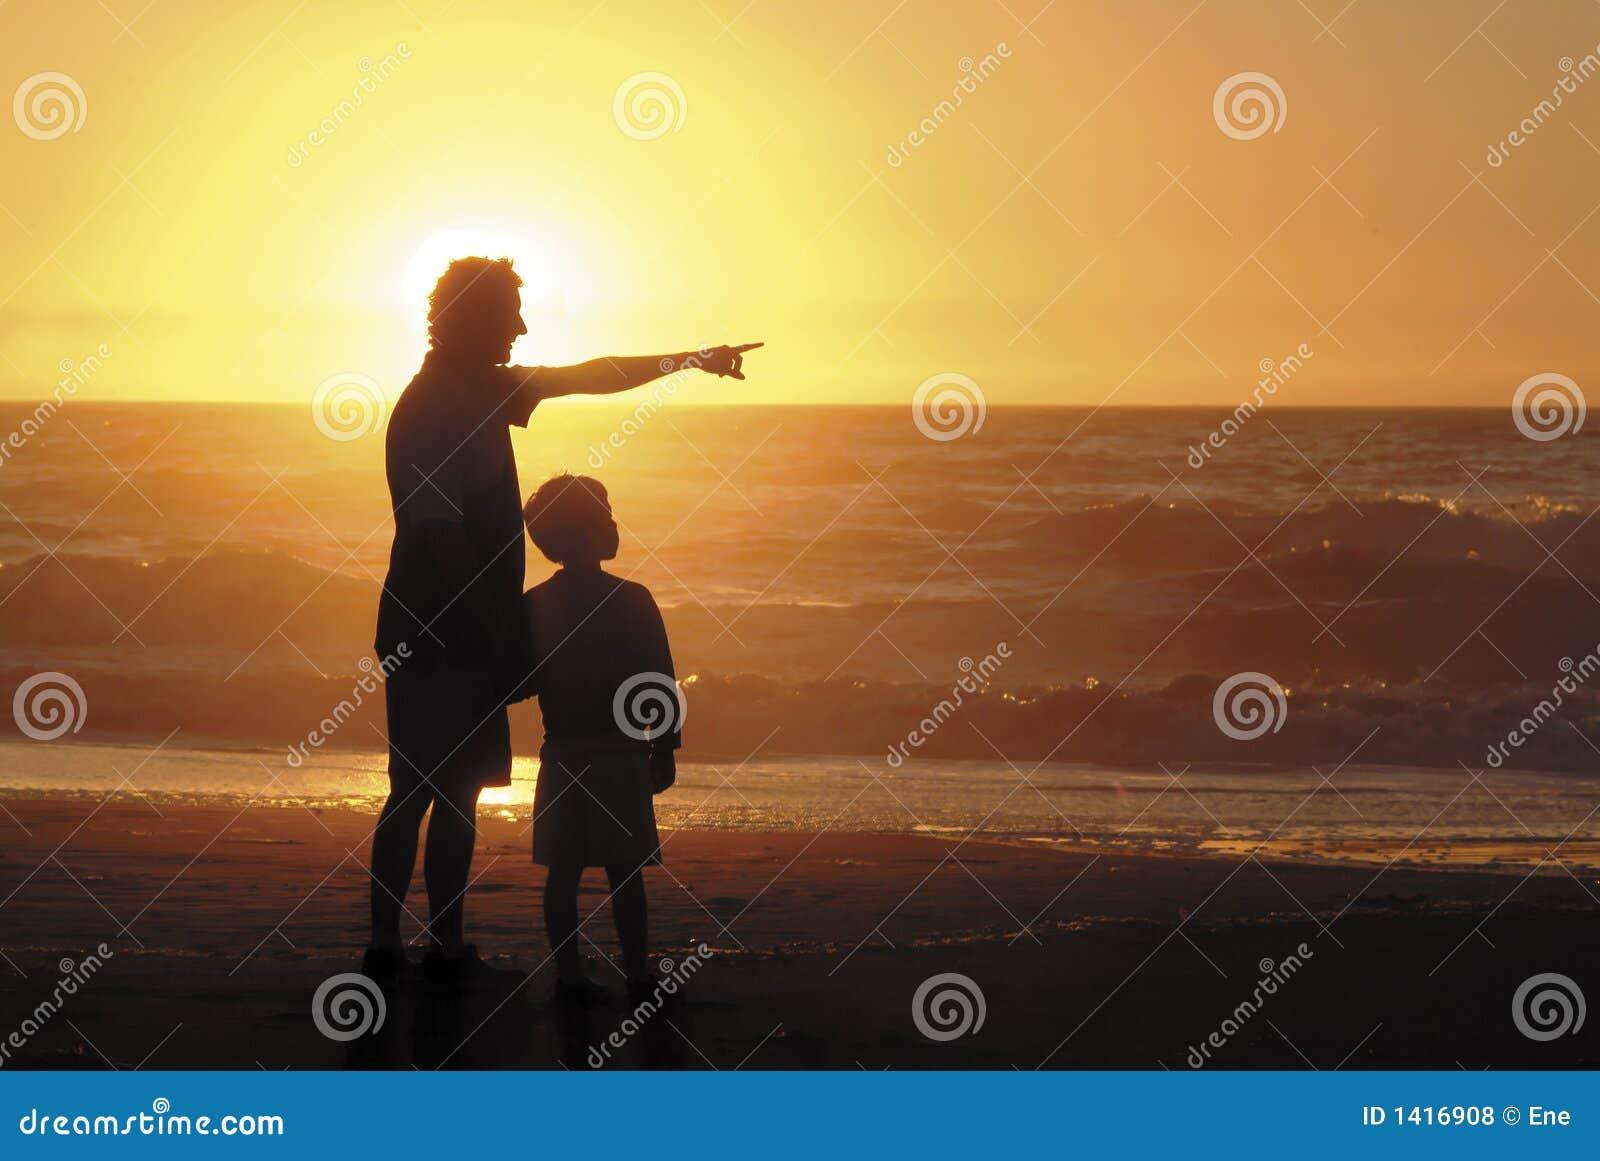 Figlio e padre